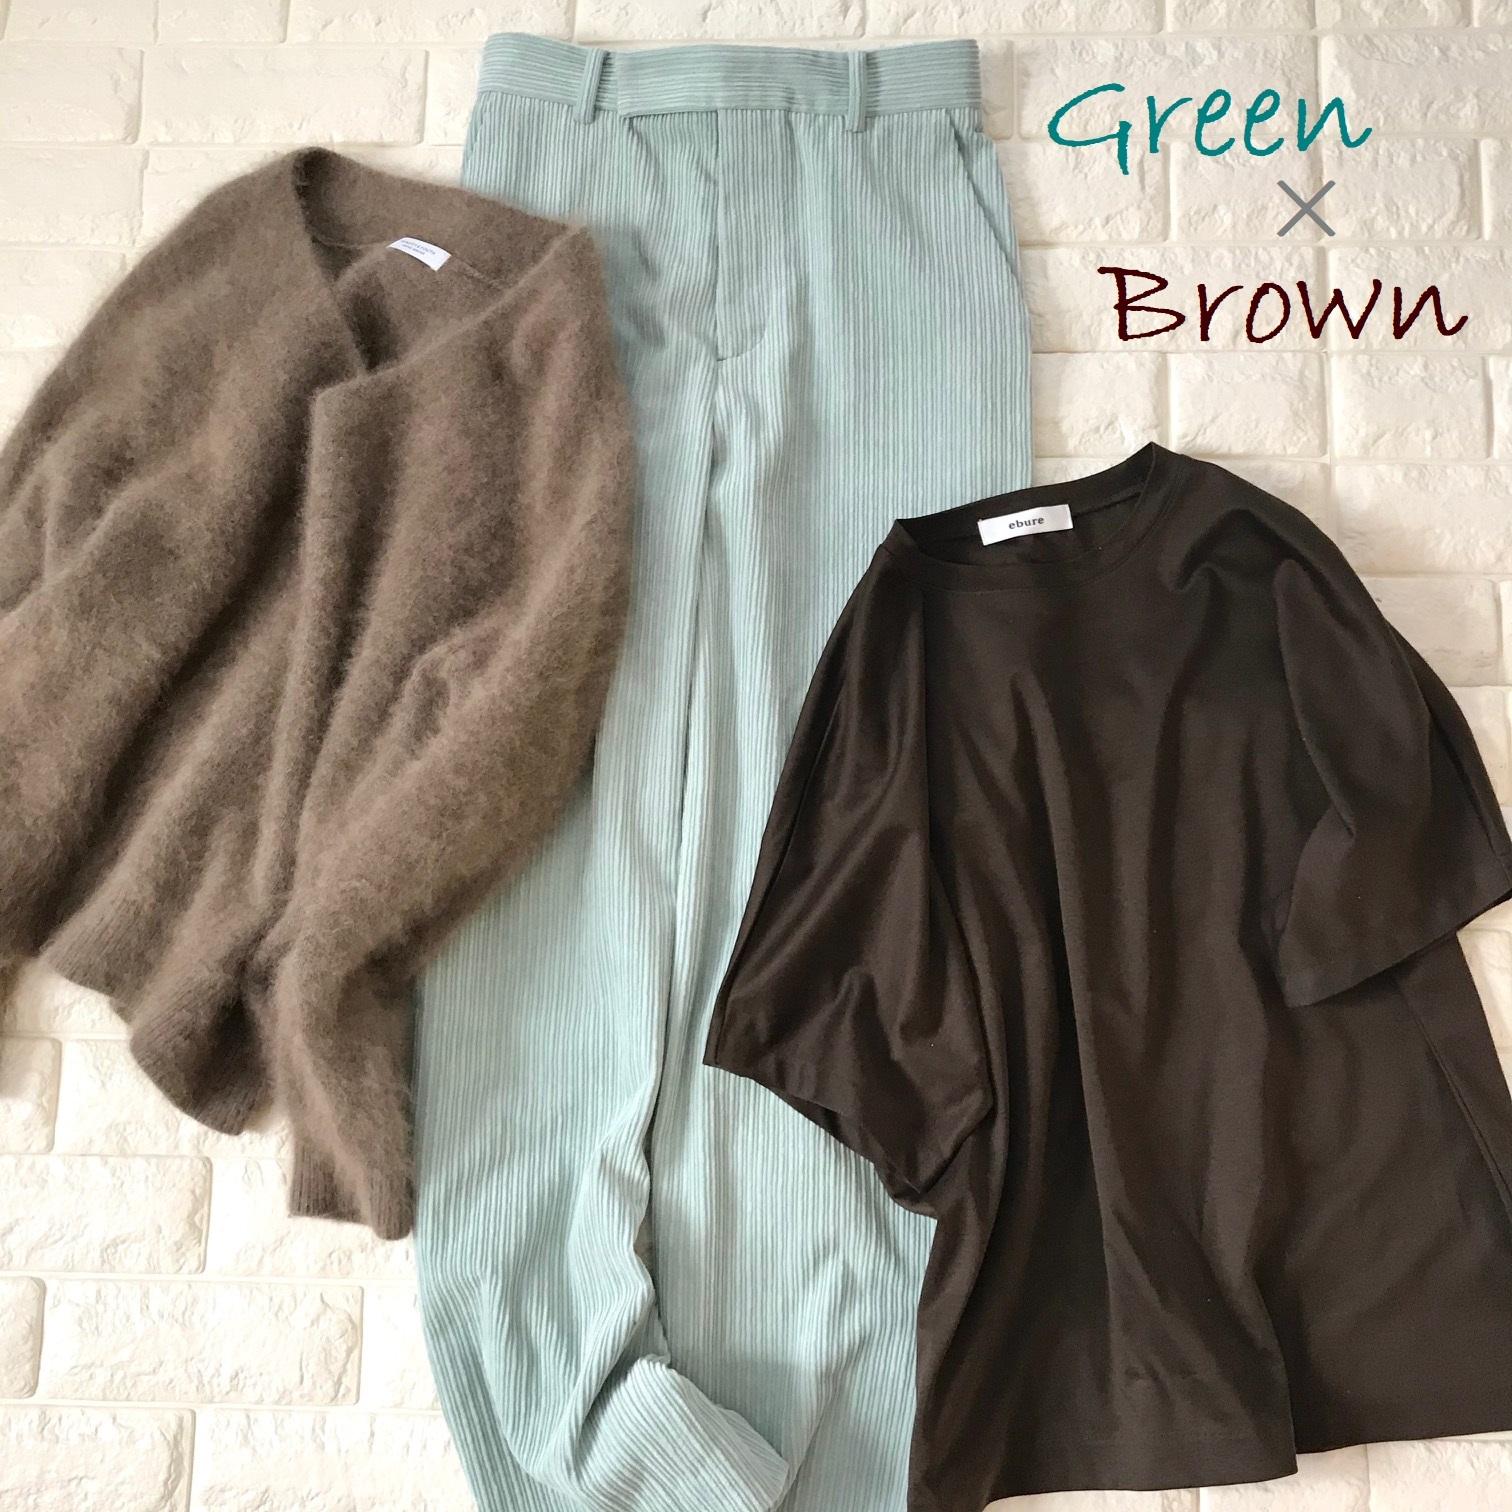 ユナイテッドアローズのグリーンのパンツとブラウンを合わせたコーデ画像